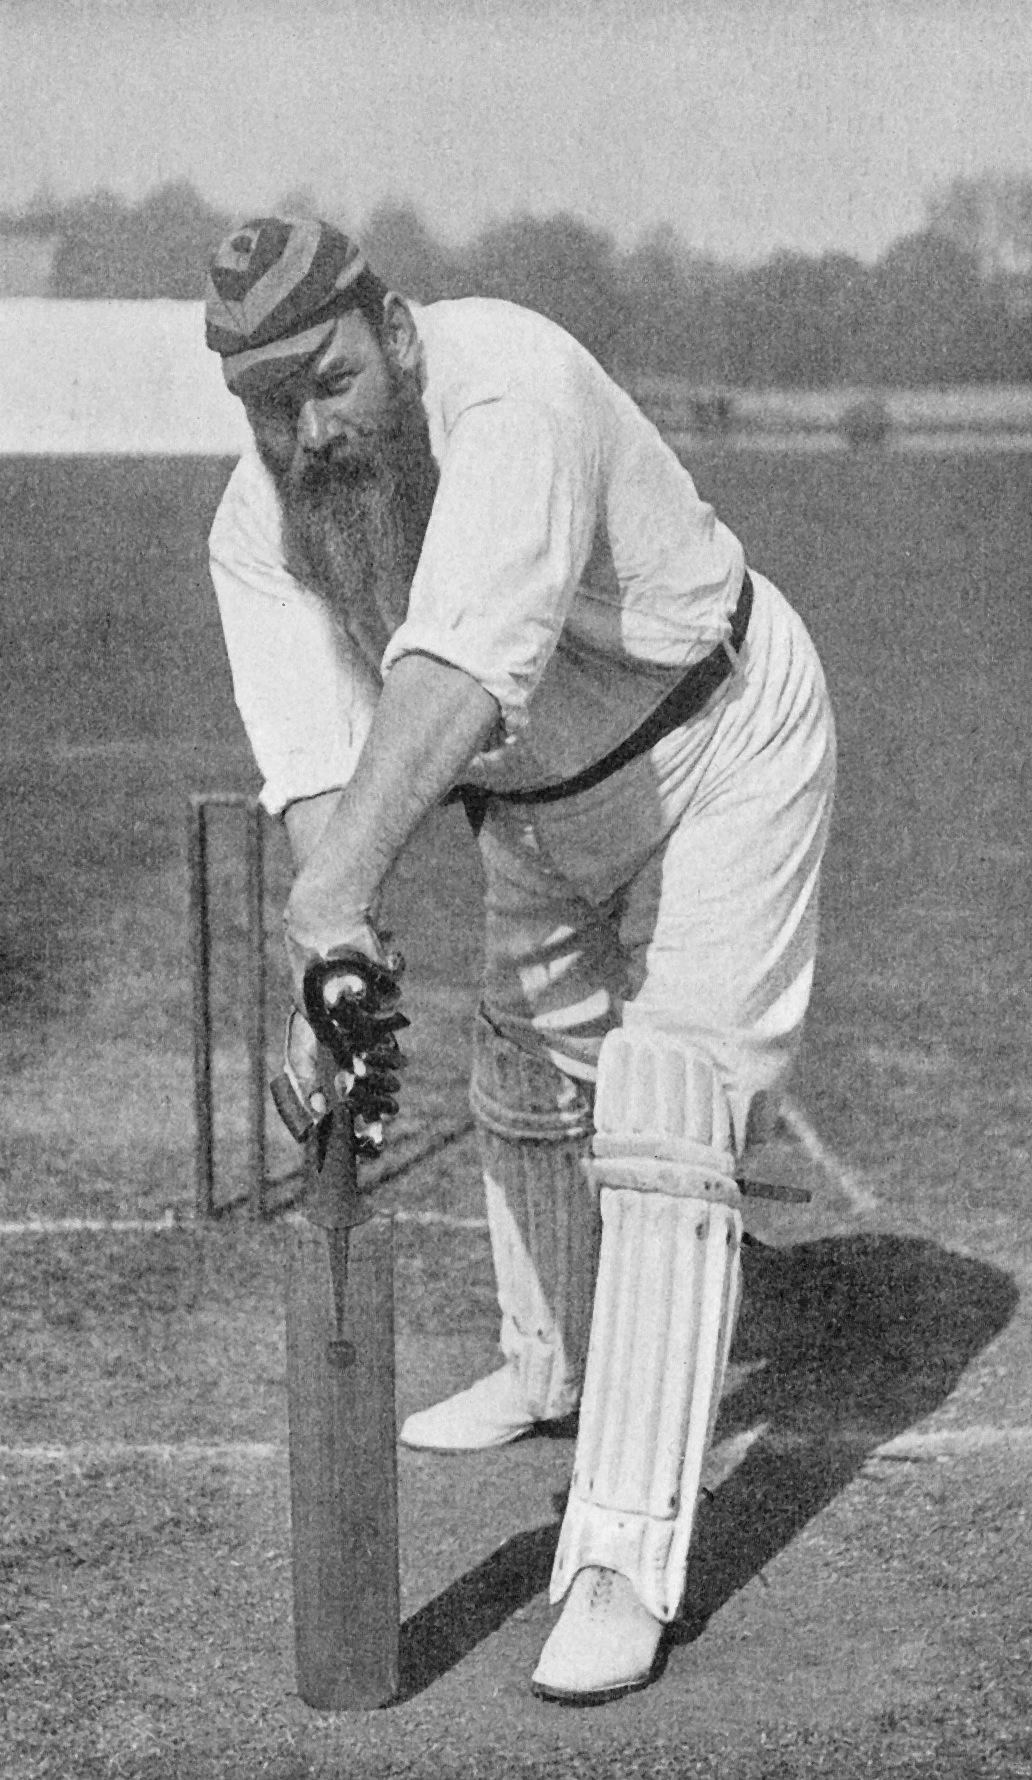 b.e.t. bovada cricket